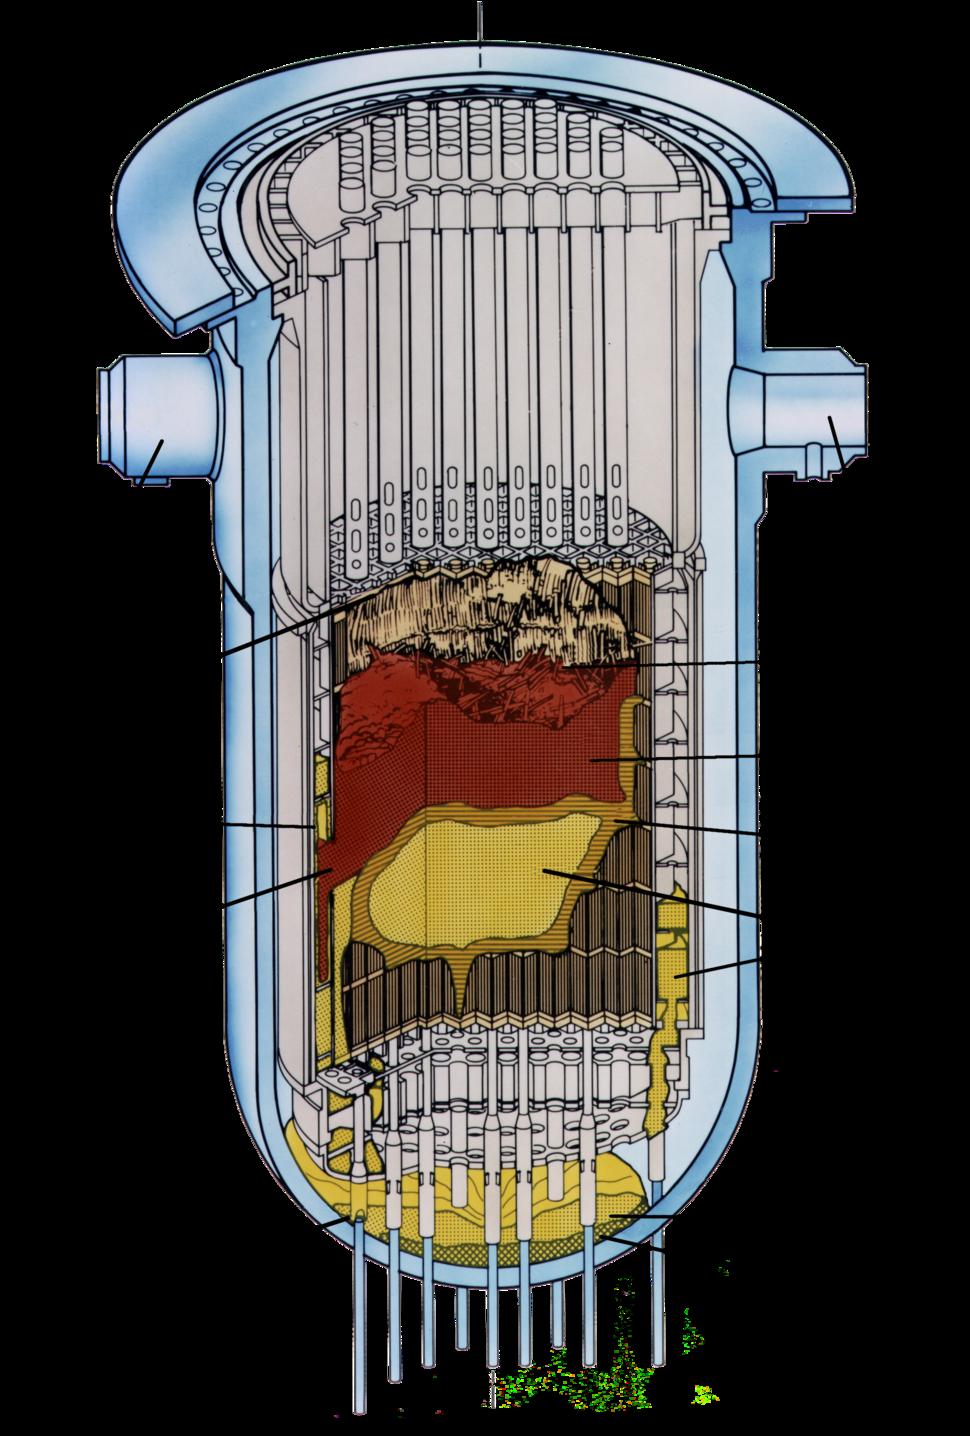 Graphic TMI-2 Core End-State Configuration